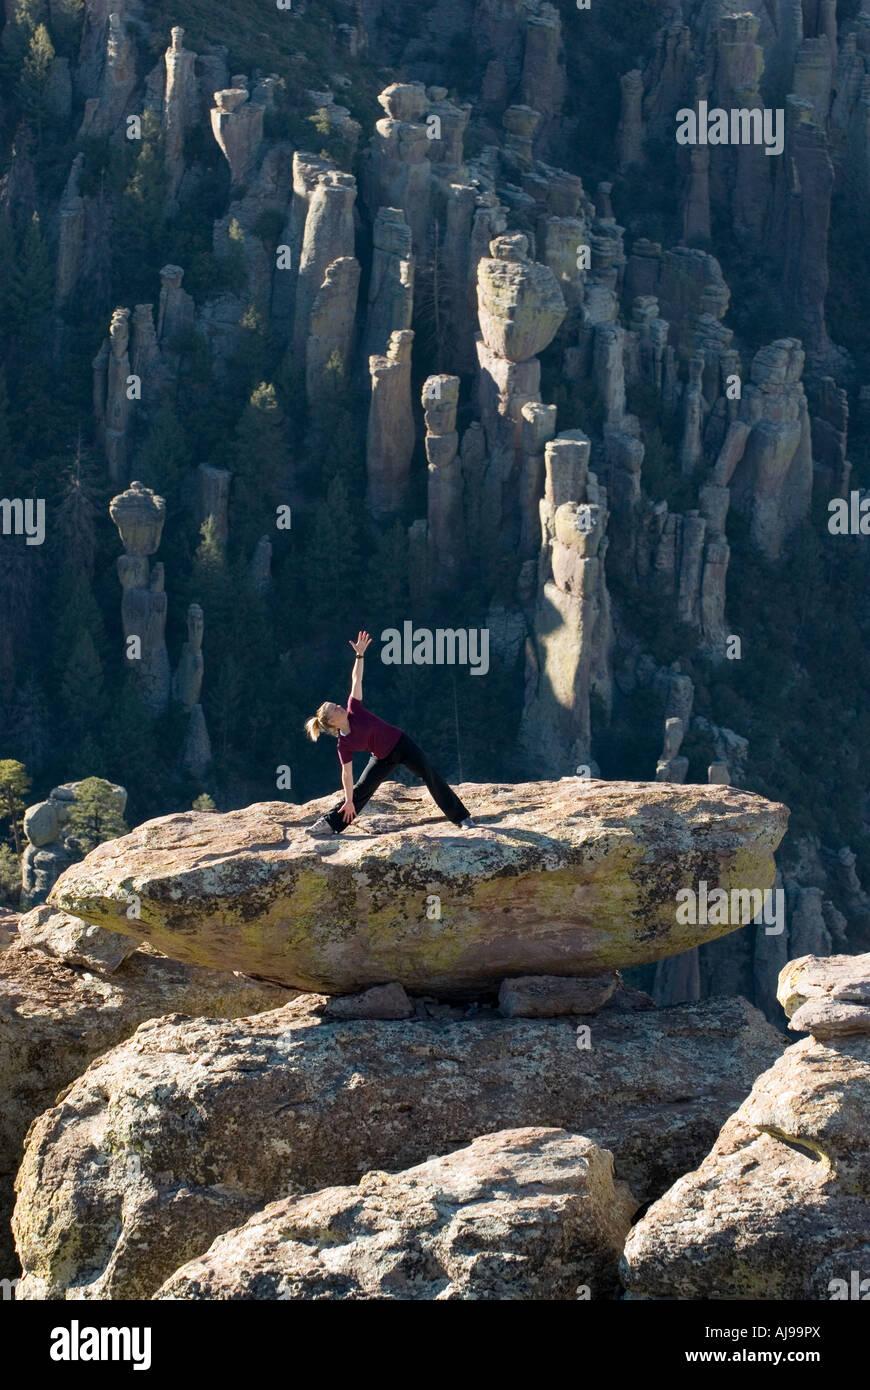 Lo Yoga sulla parte superiore di un equilibrato rock, Immagini Stock